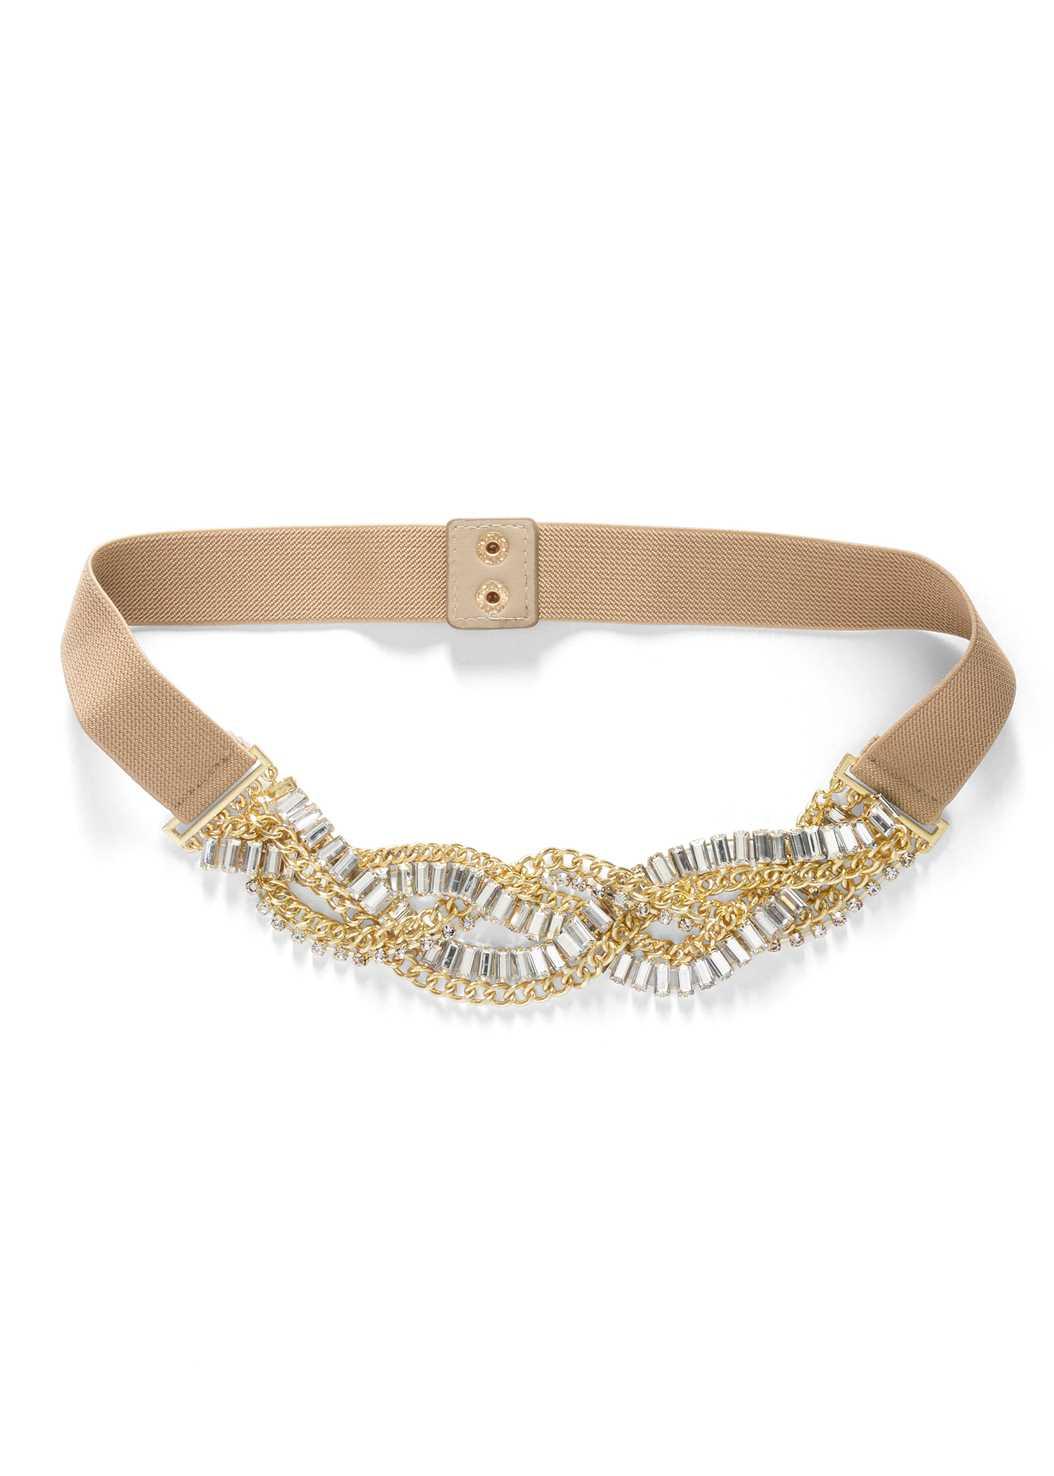 Stretch Chain Belt